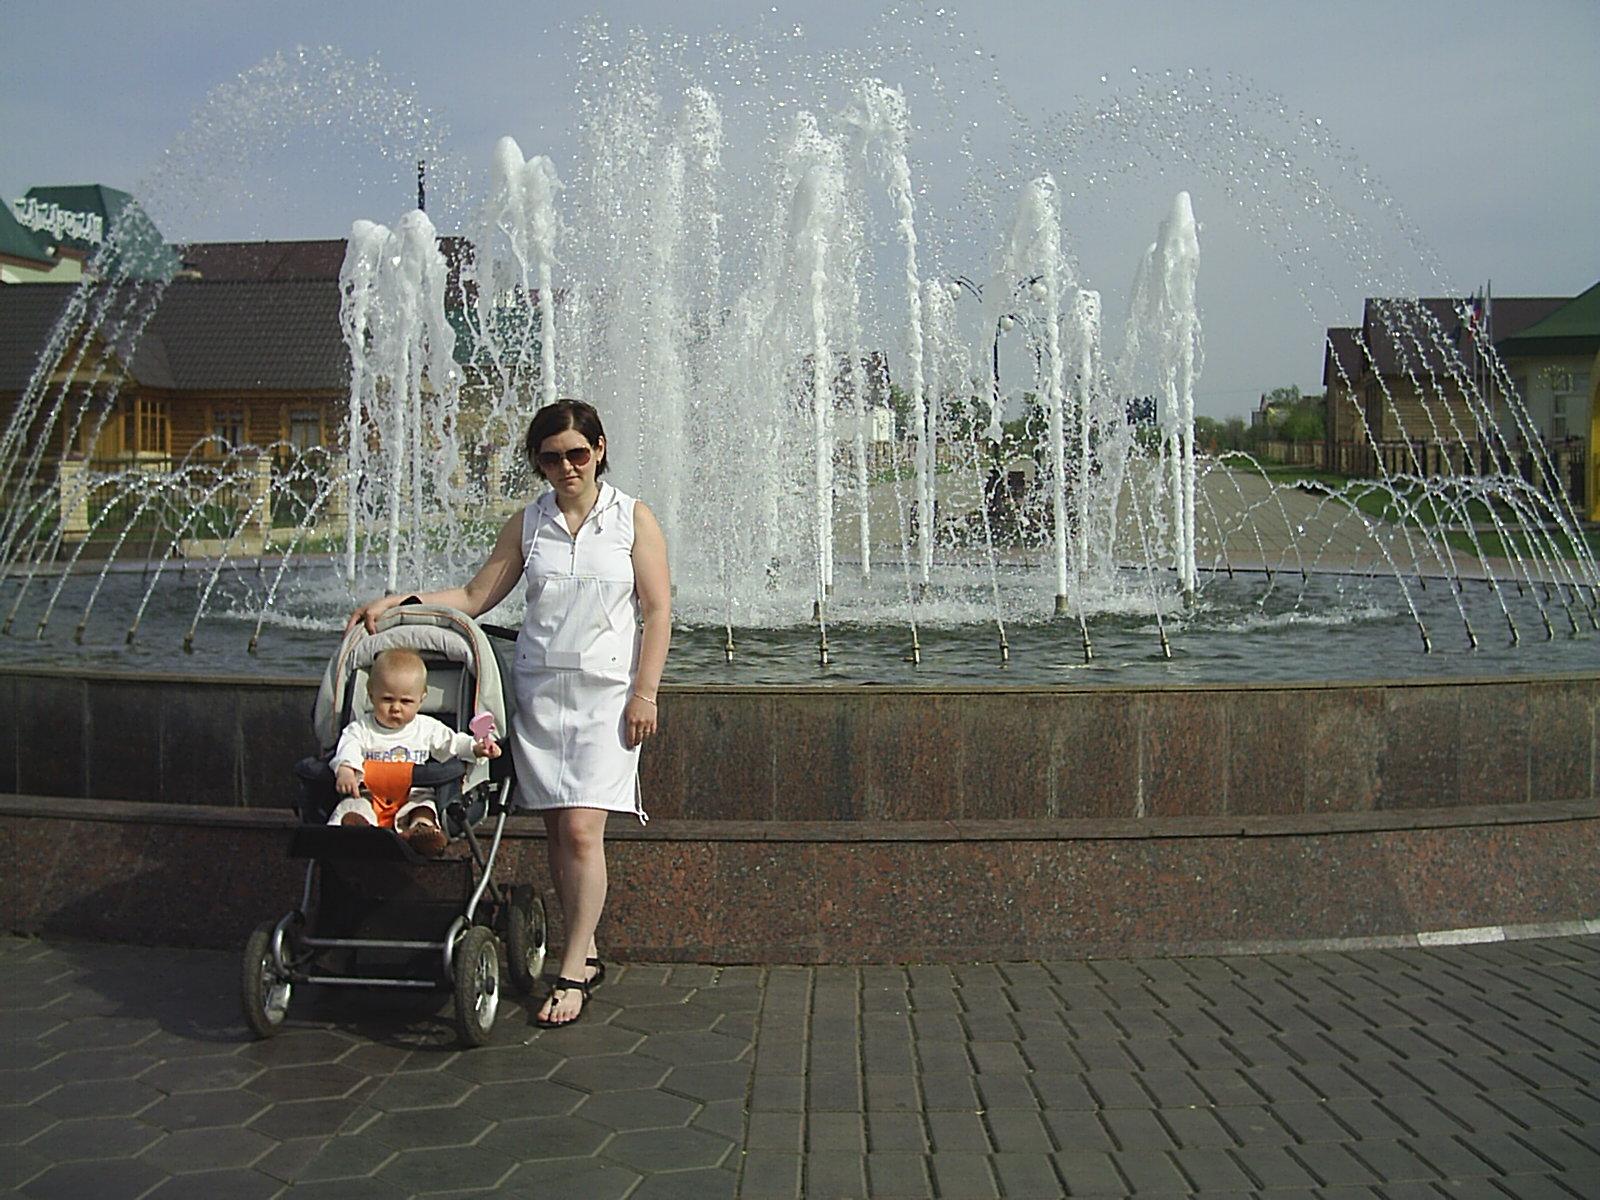 Летняя прогулка. С мамой на прогулке